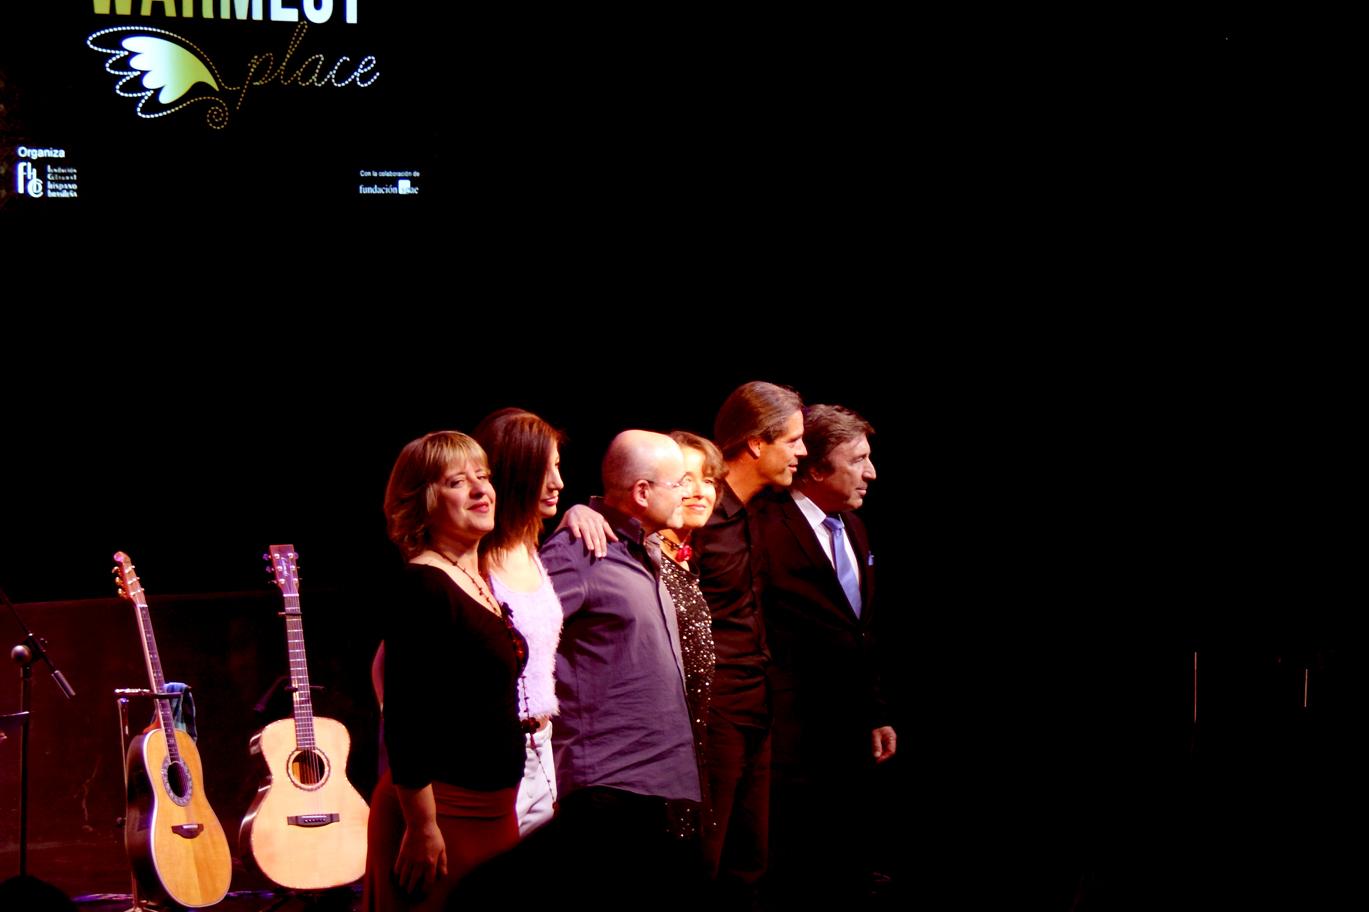 Ana Vassalo, Marisa Tolentino, Isidro Solera, Carmen Ros, Julio García y Rubén Melogno. The warmest place en concierto